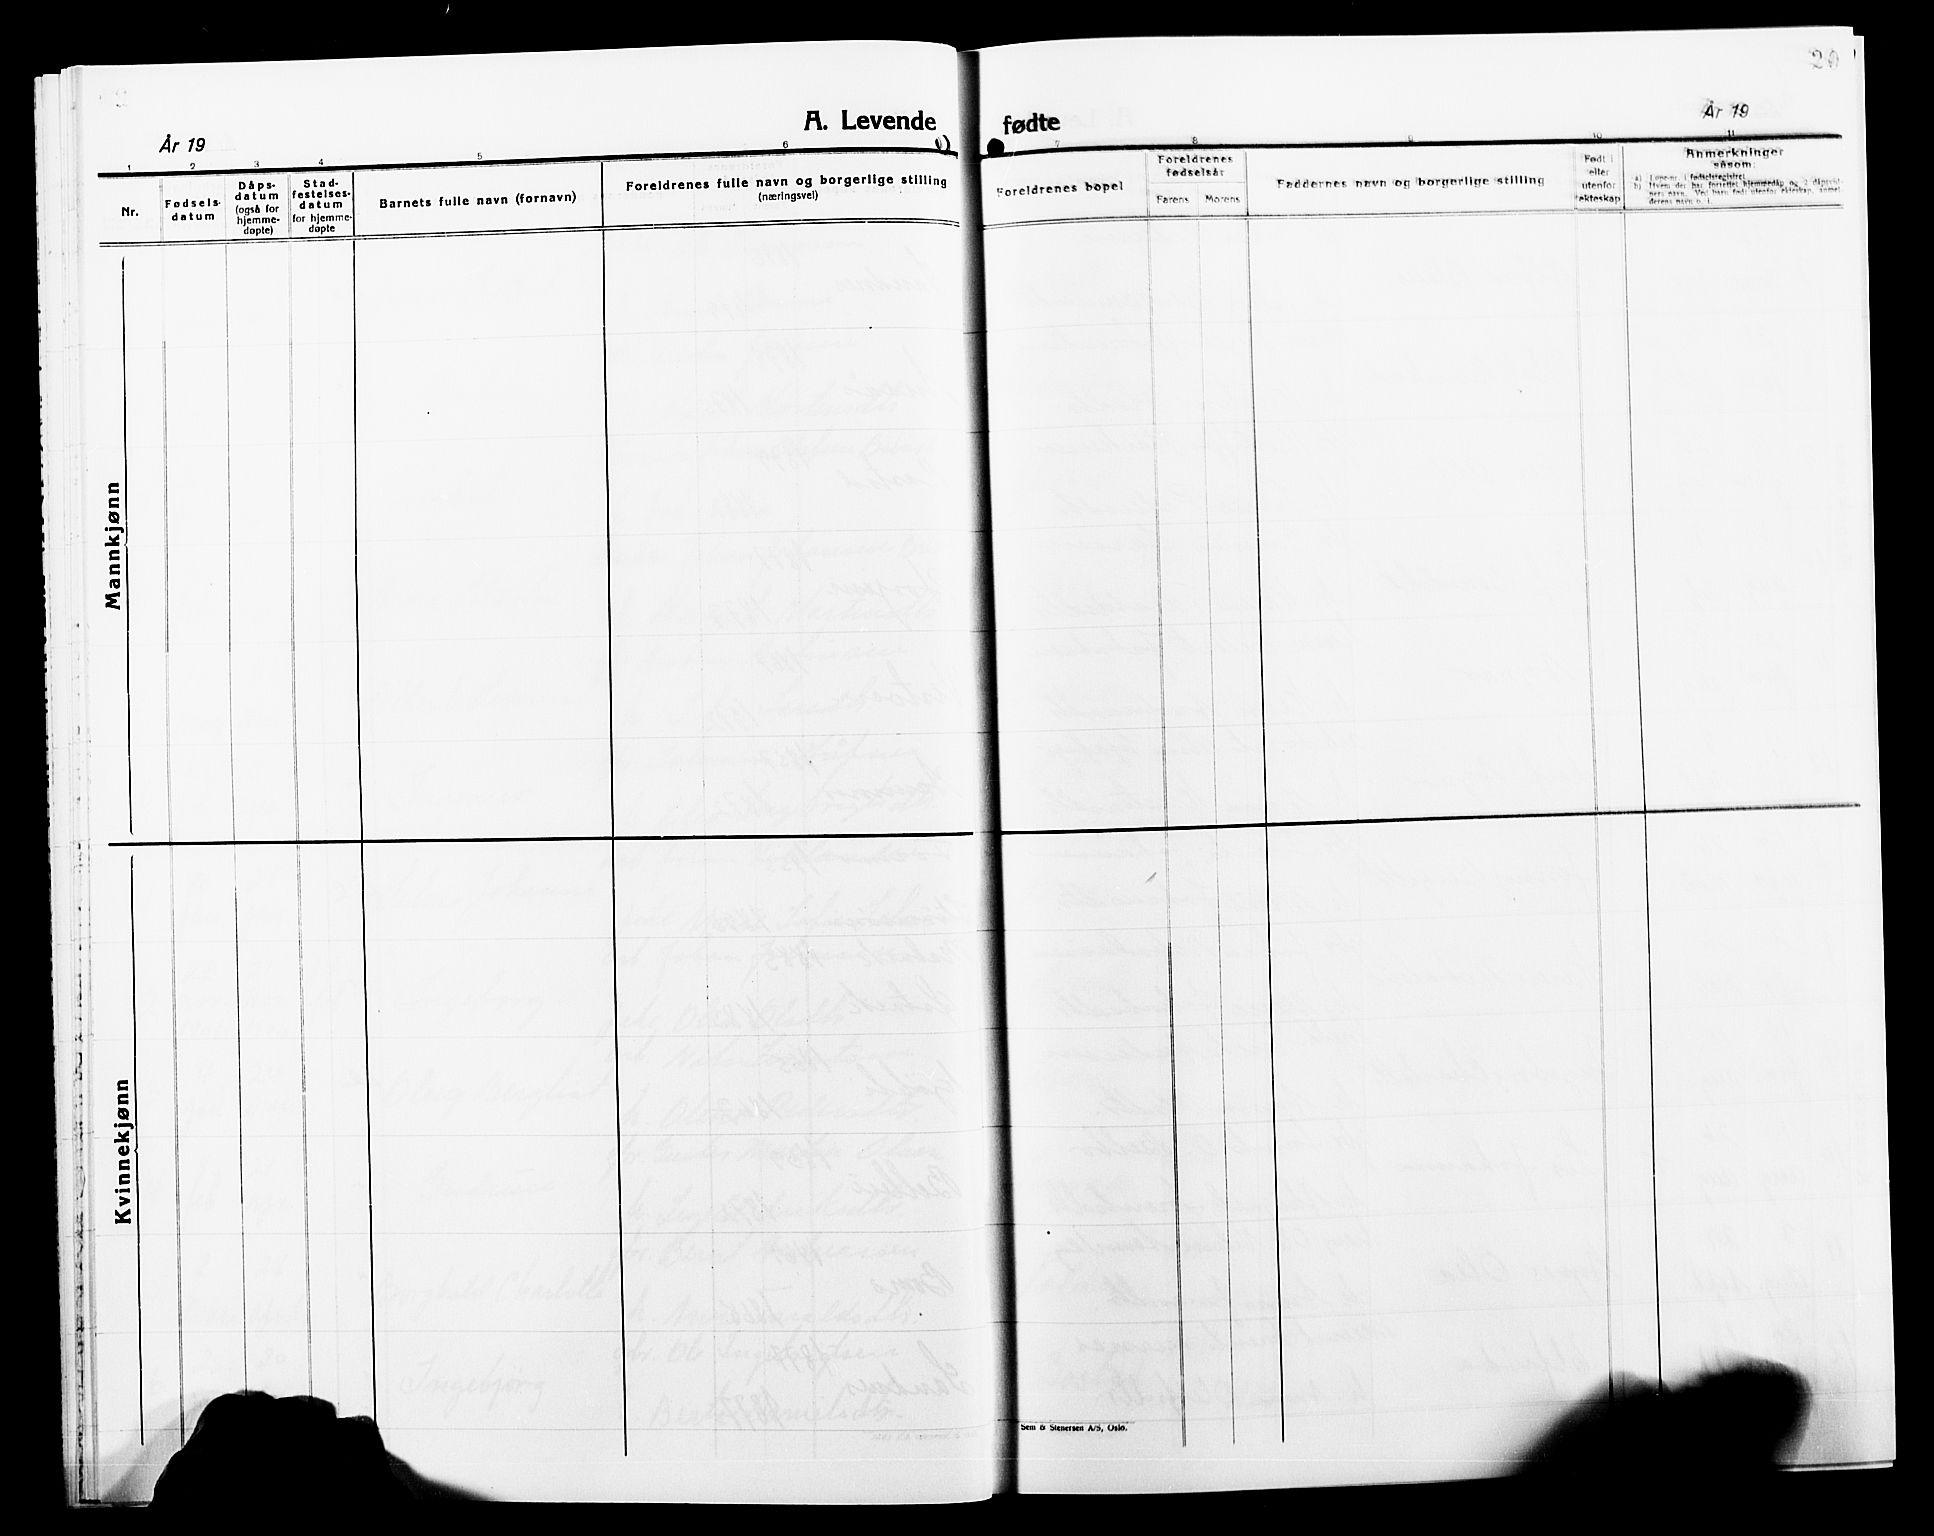 SAT, Ministerialprotokoller, klokkerbøker og fødselsregistre - Nord-Trøndelag, 749/L0488: Ministerialbok nr. 749D04, 1903-1915, s. 20